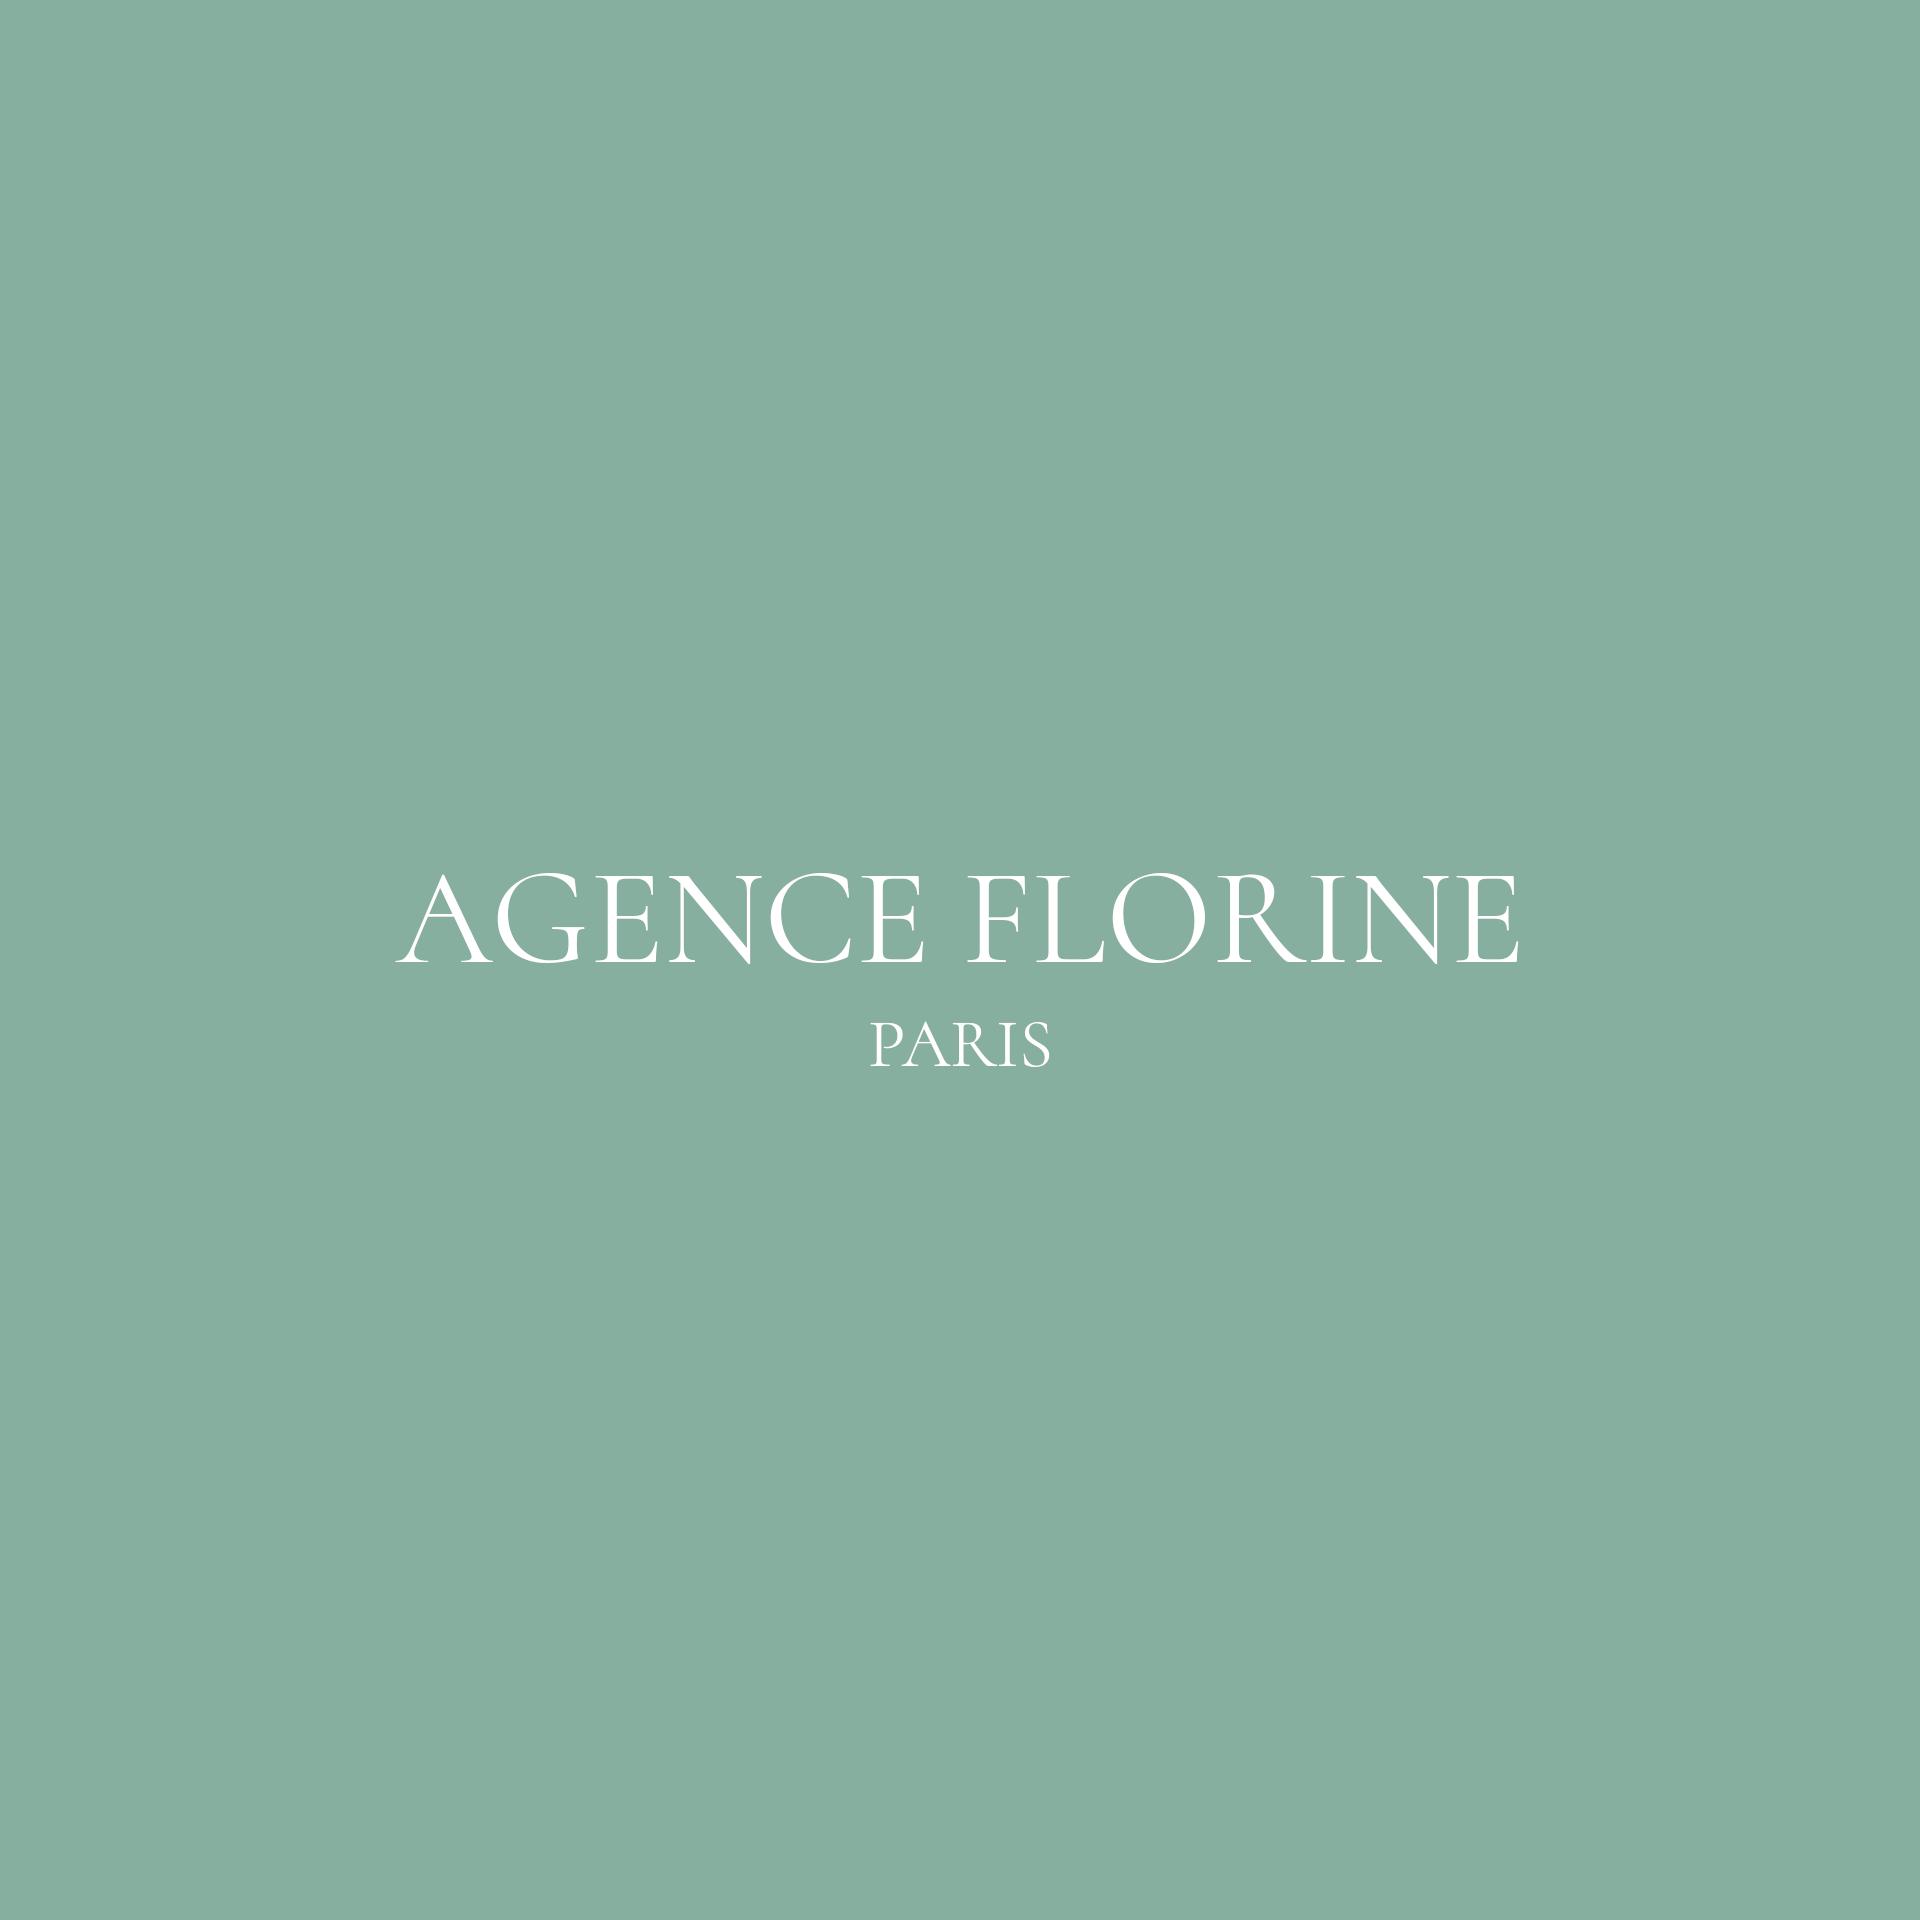 Agence Florine Paris coiffeur